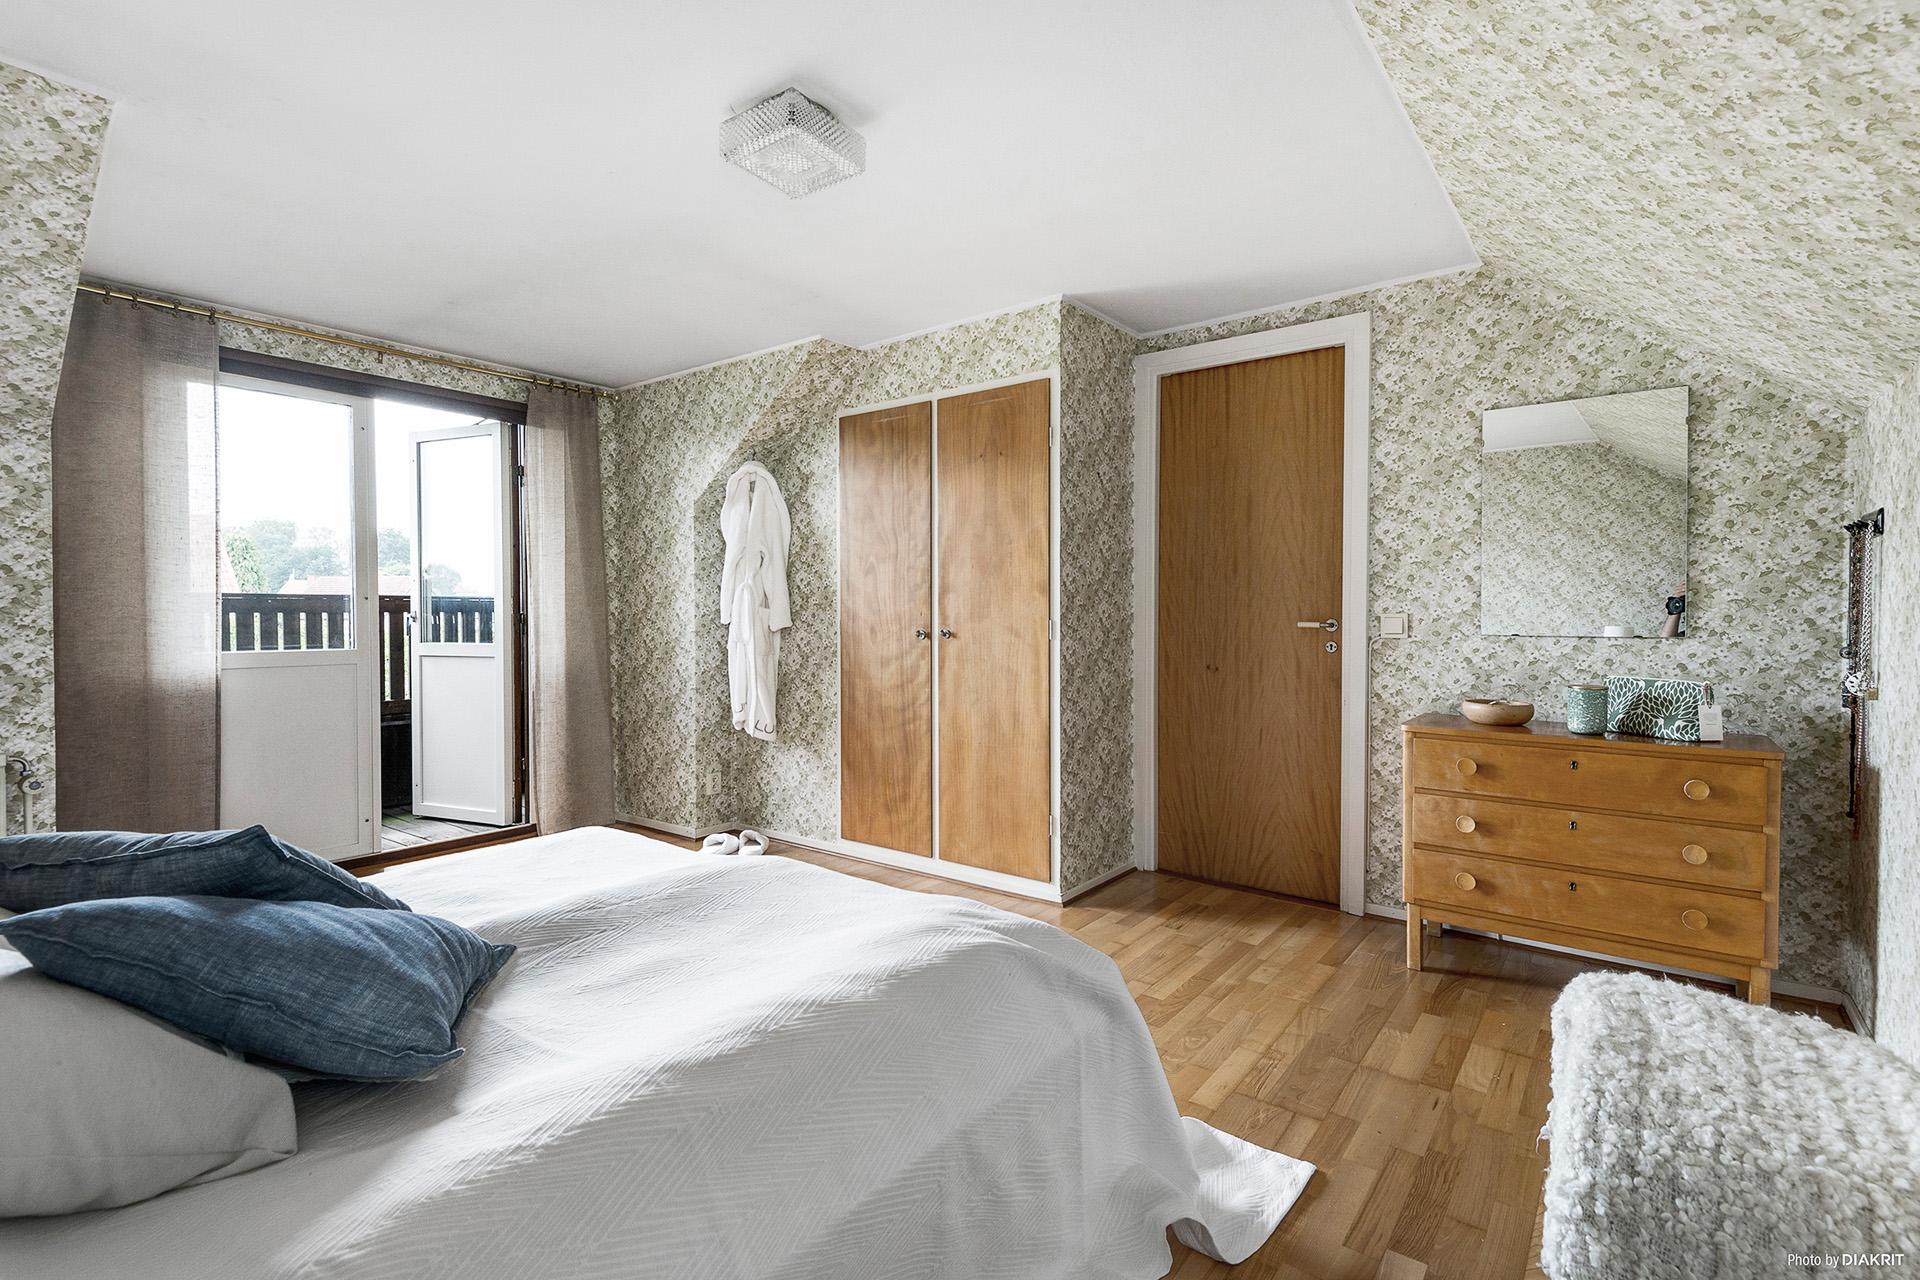 Sovrum 1 med balkong plan 2